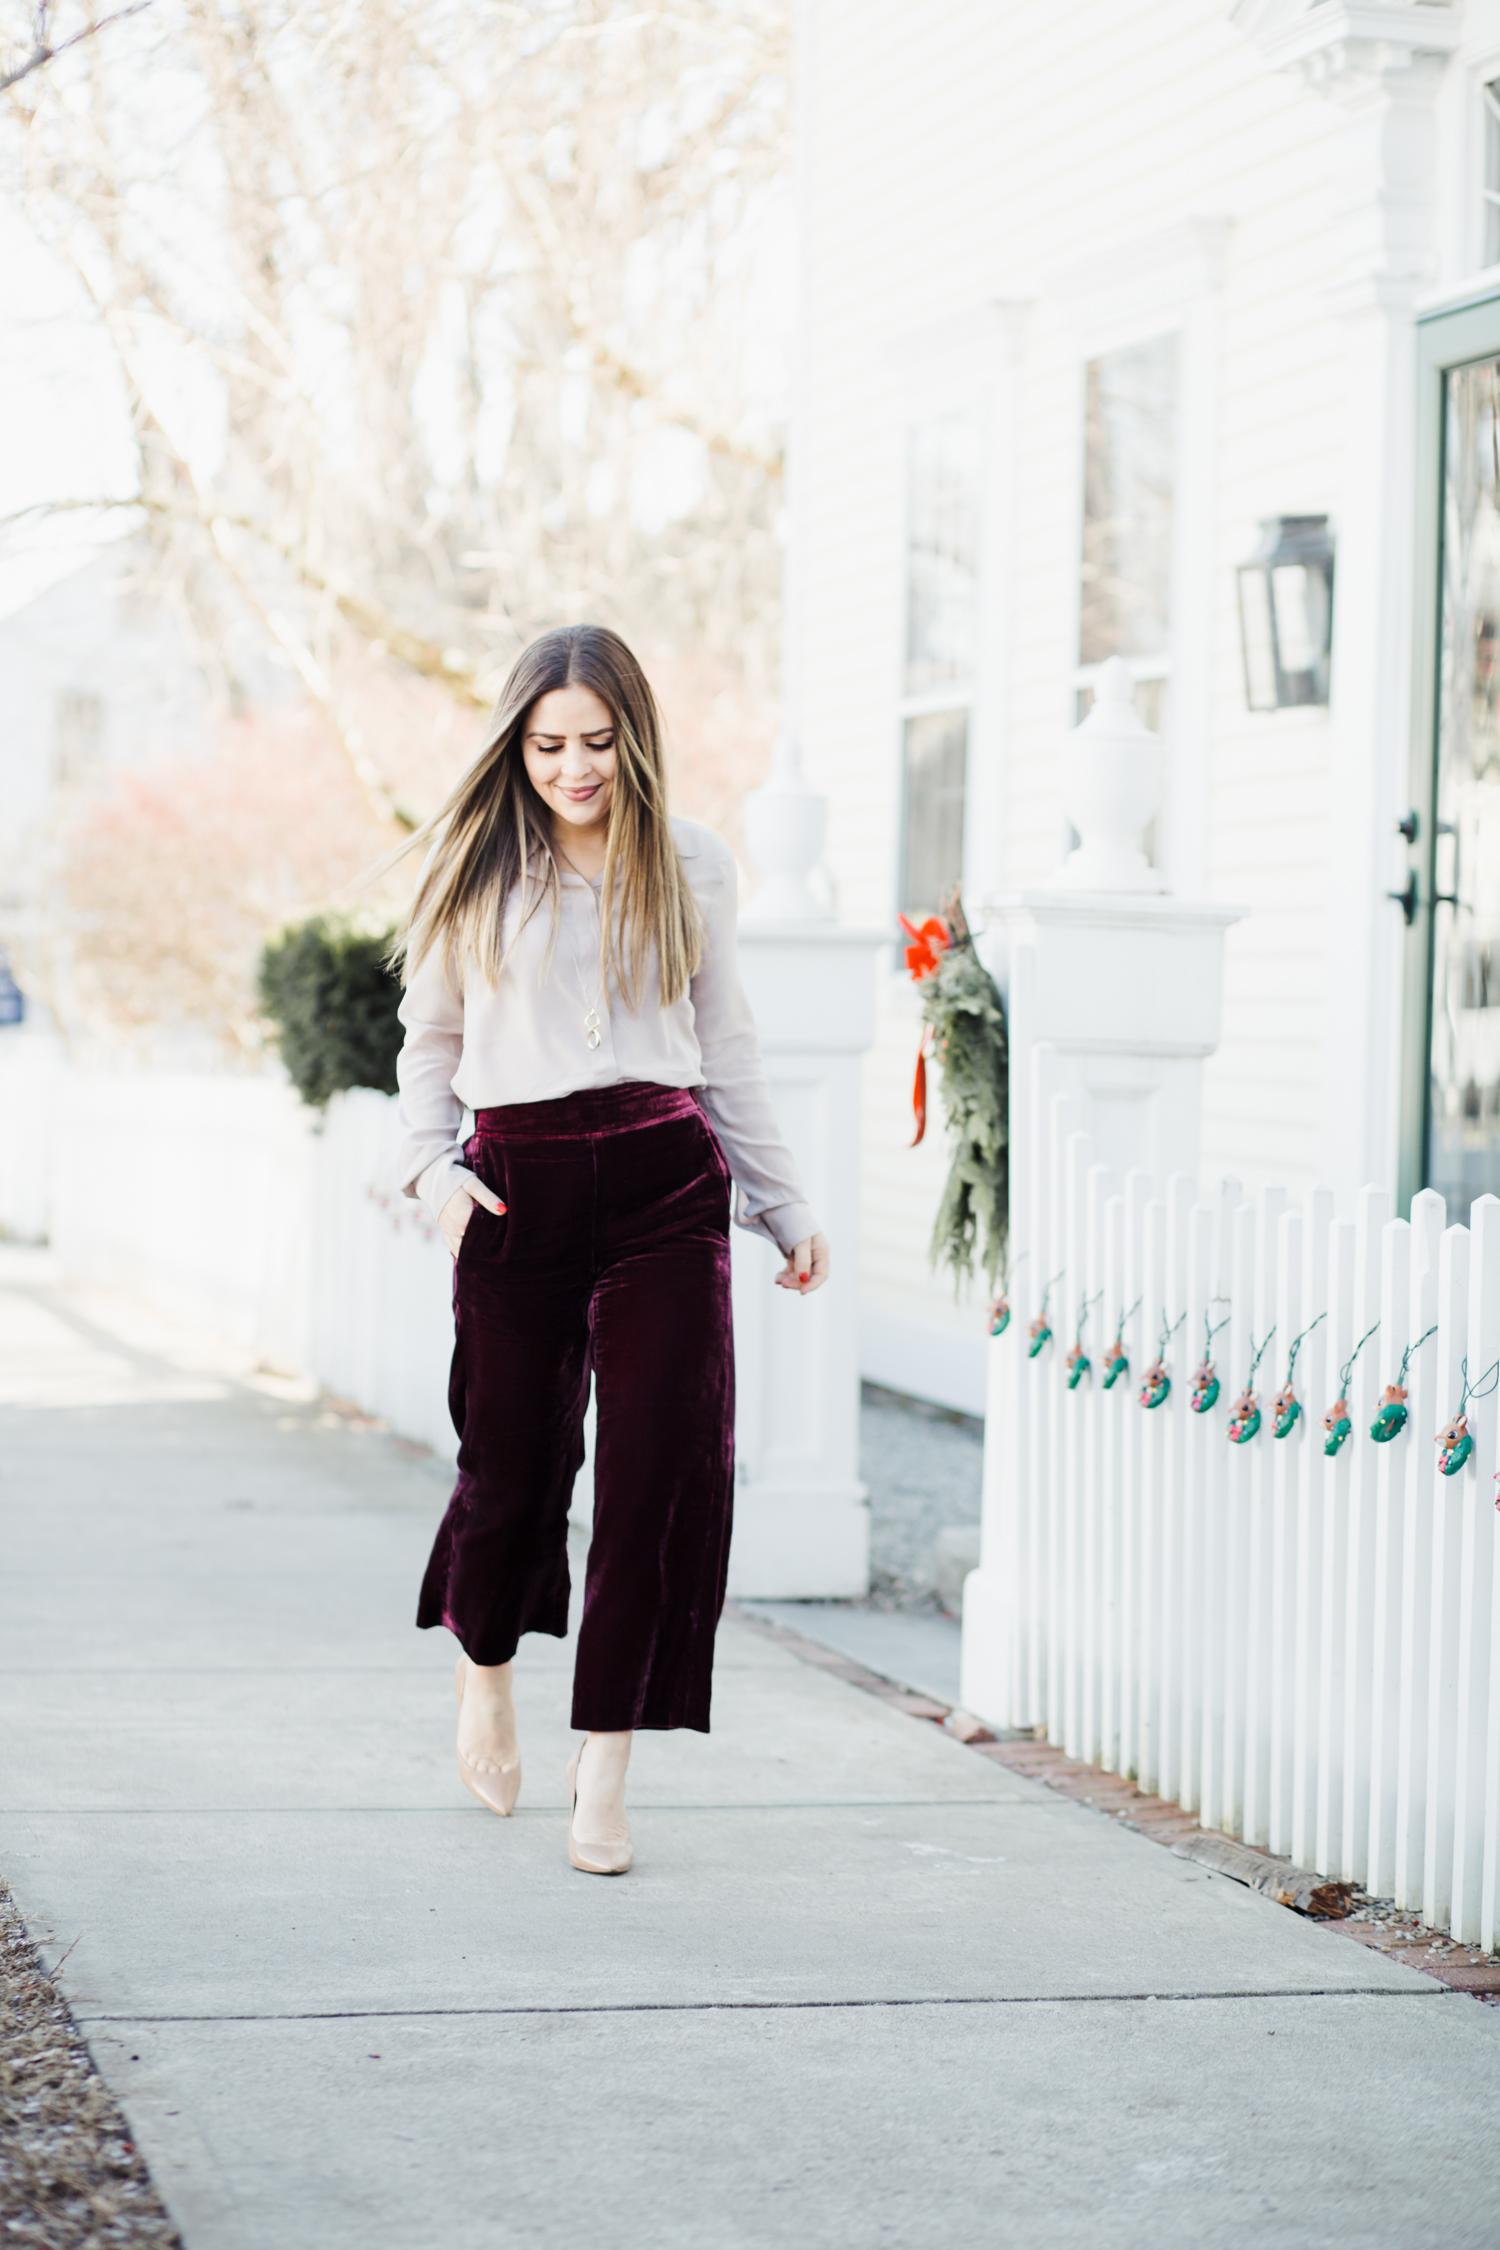 8e87bd20a2de 2 easy ways to style velvet pants. - dress cori lynn